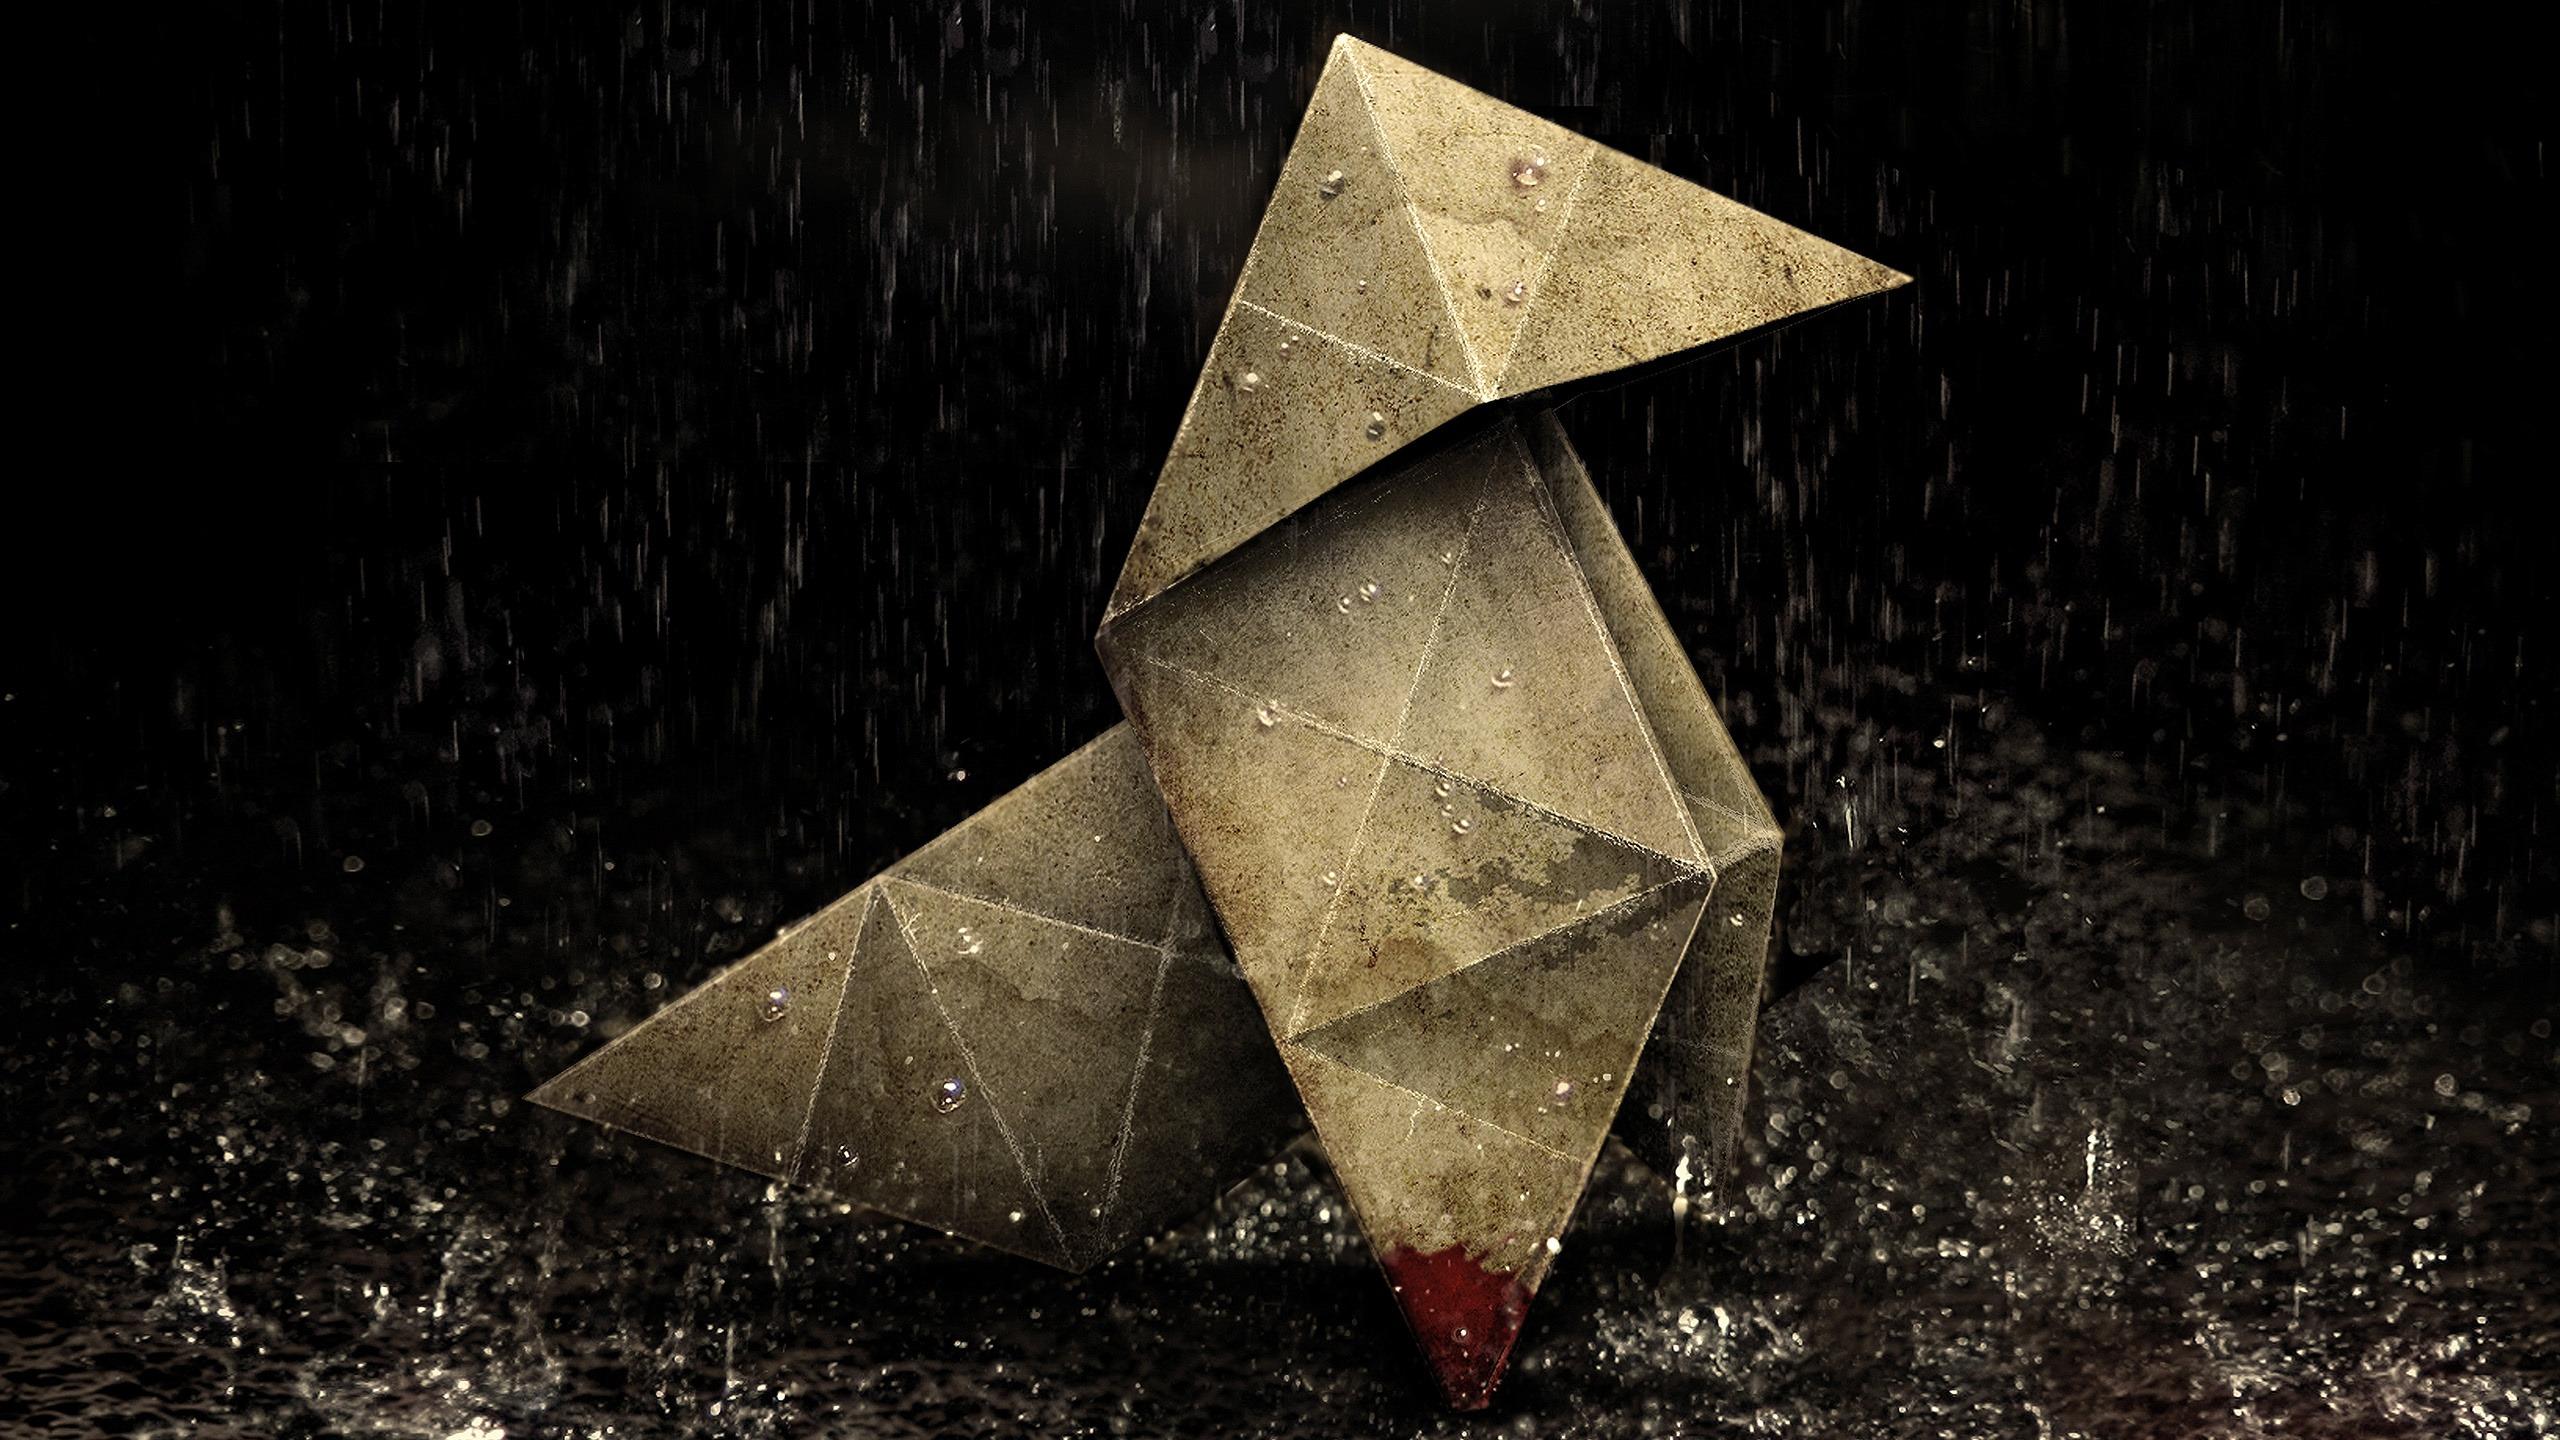 heavy-rain-origami-quantic.jpg